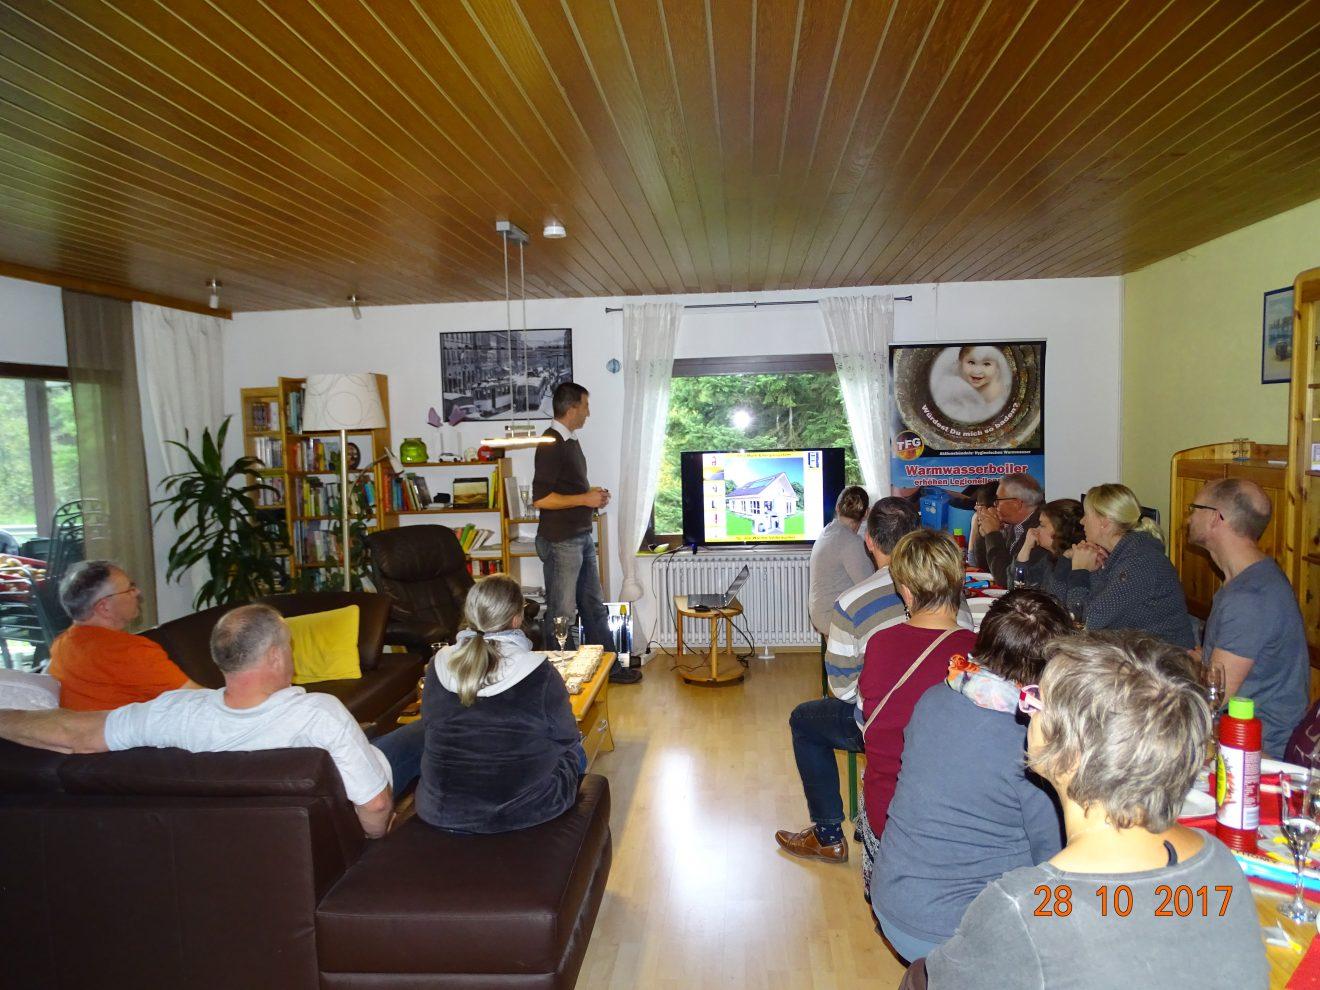 Unser Handwerker des Monats informiert die Gäste der Einweihungsparty der modernisierten Heizungsanlage über deren Technik. Foto: Jean-Pierre Arnold